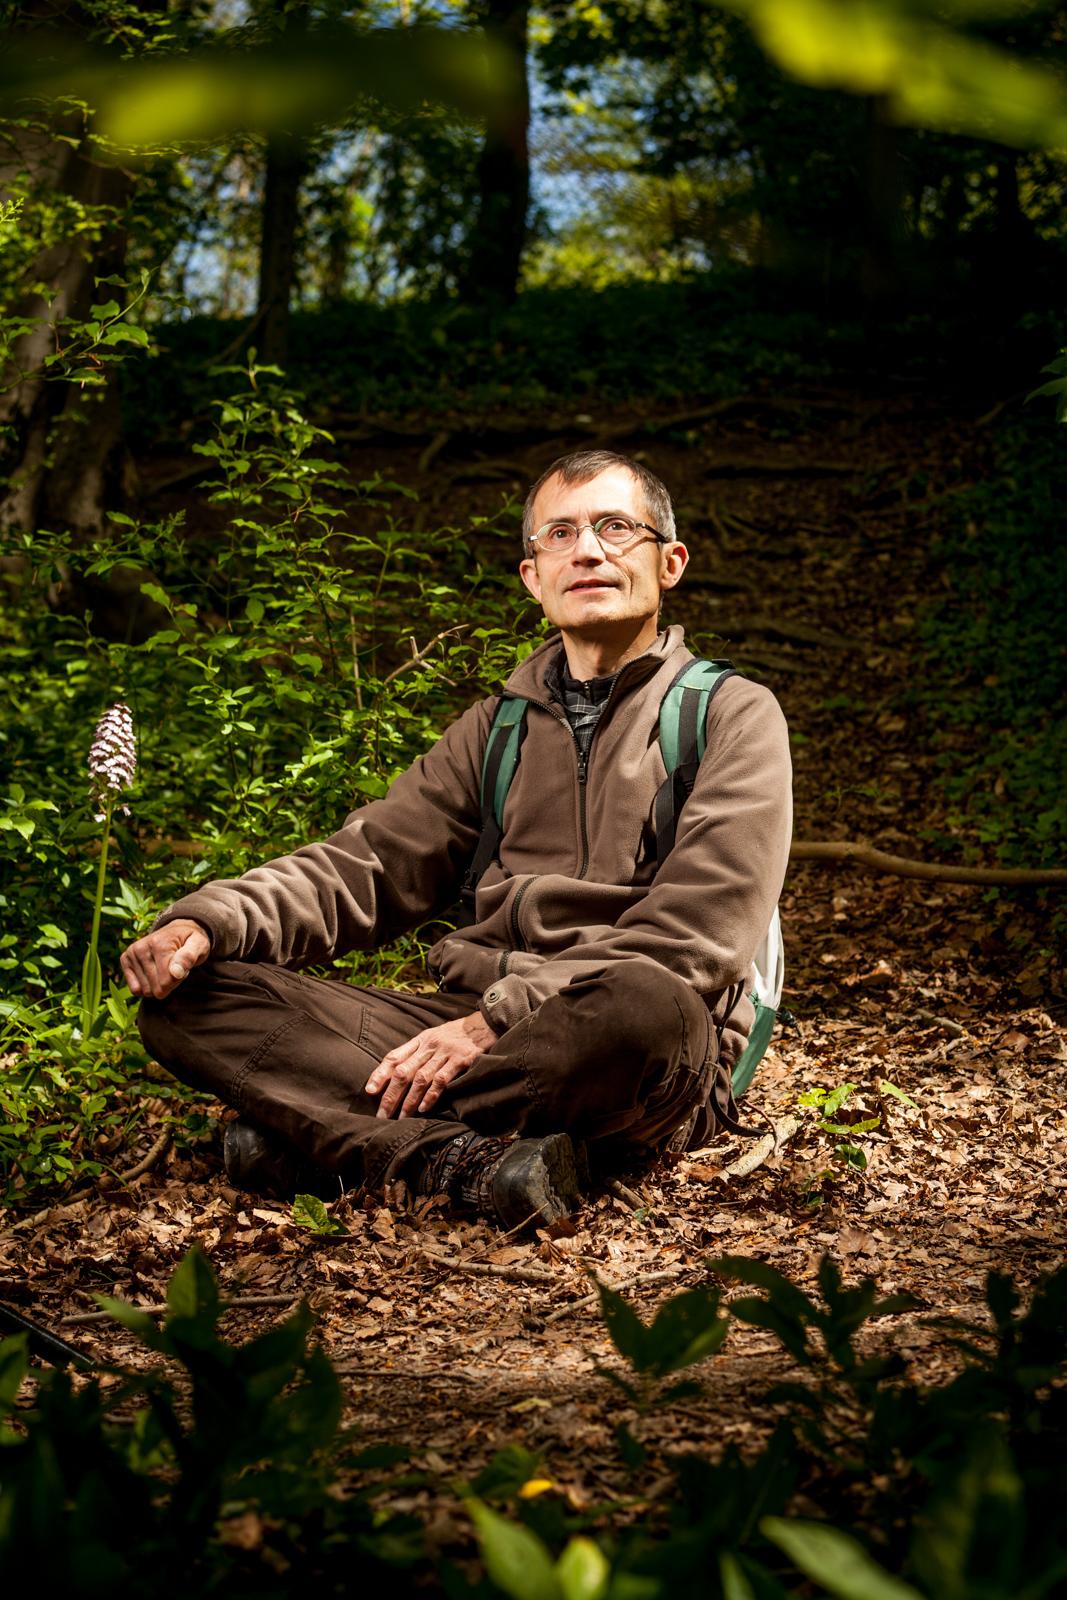 Thierry Bernard, spécialiste de la faune sauvage dans le Pas-de-Calais. Ici, à côté d'une orchidée, nichée près d'un terril.  Portrait réalisé pour le magazine La Vie - mai 2017